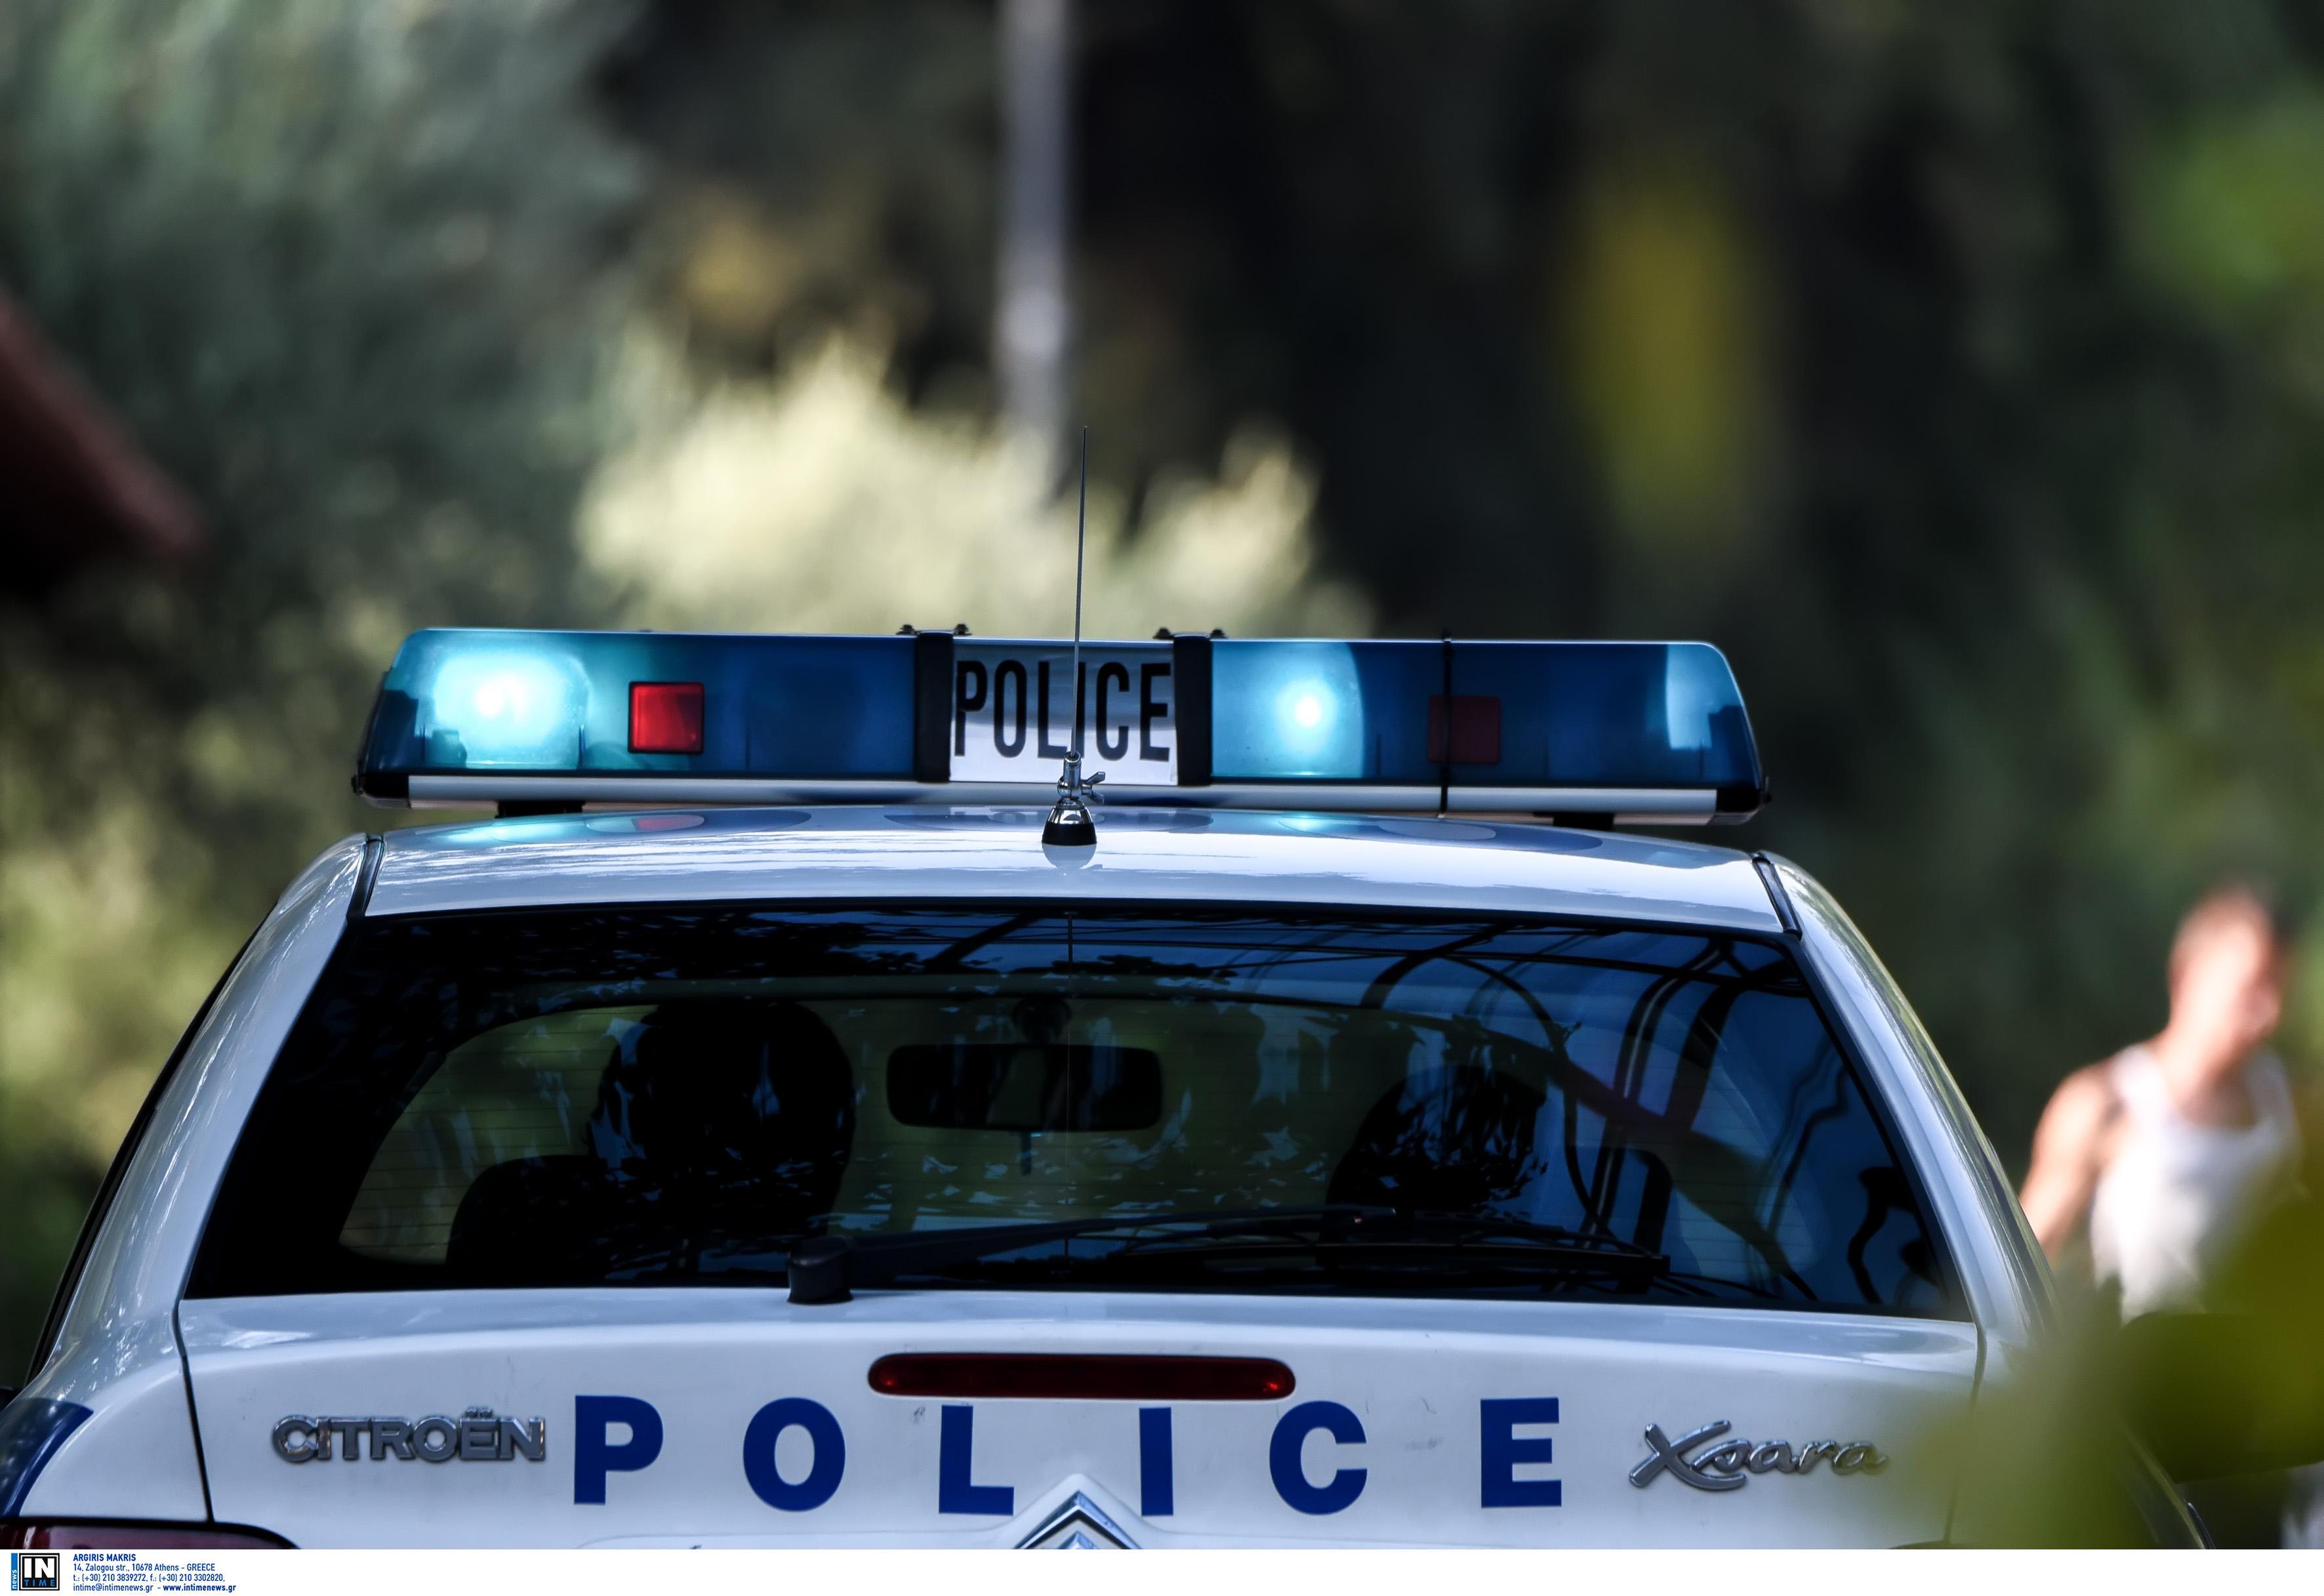 Χαλκιδική: Έκλεψαν την μπρούτζινη αναπαράσταση της Μάχης των Βασιλικών από το μνημείο του καπετάν Χάψα